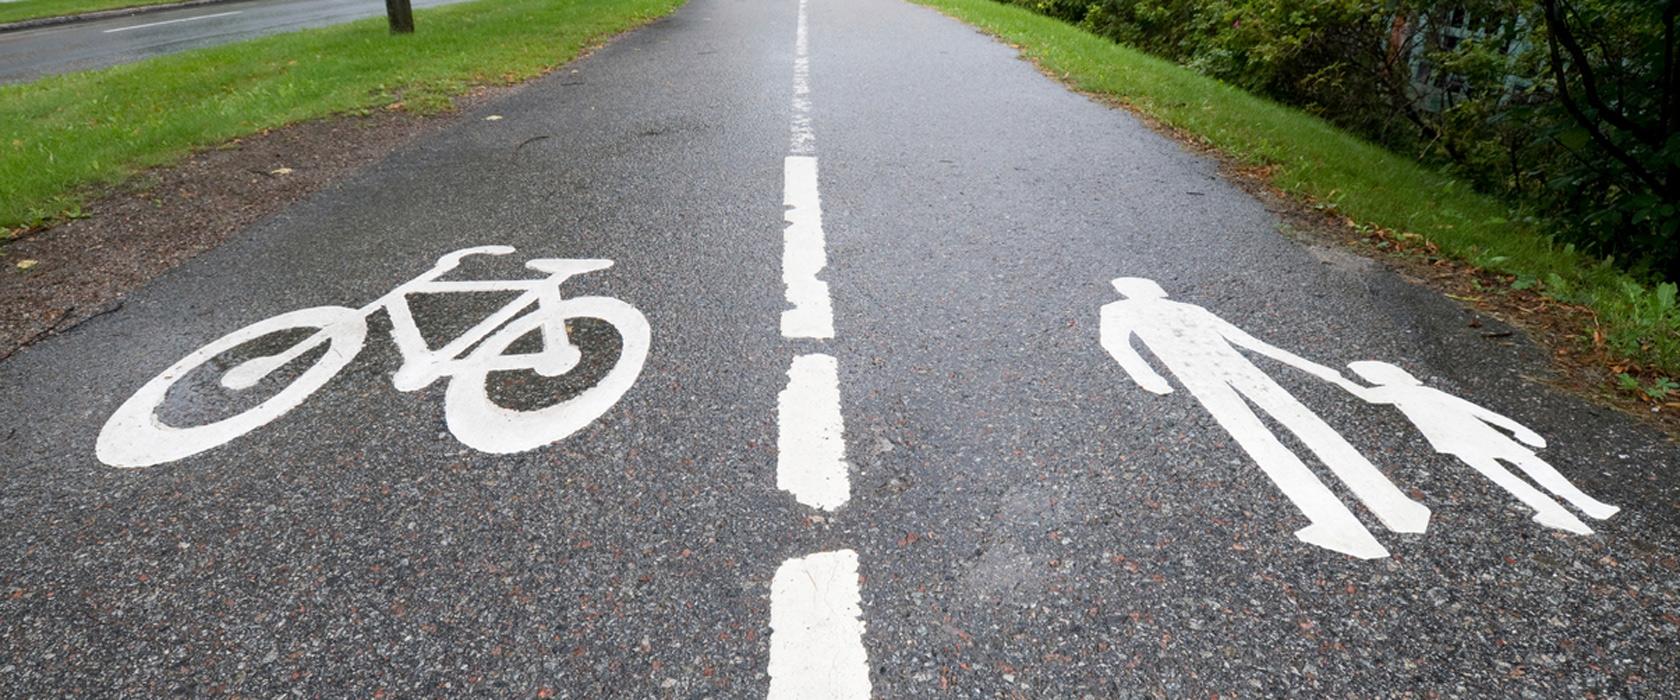 Fortau med både gang- og sykkelvei. Sykkelsymbol og menneskesymbol på asfalt.